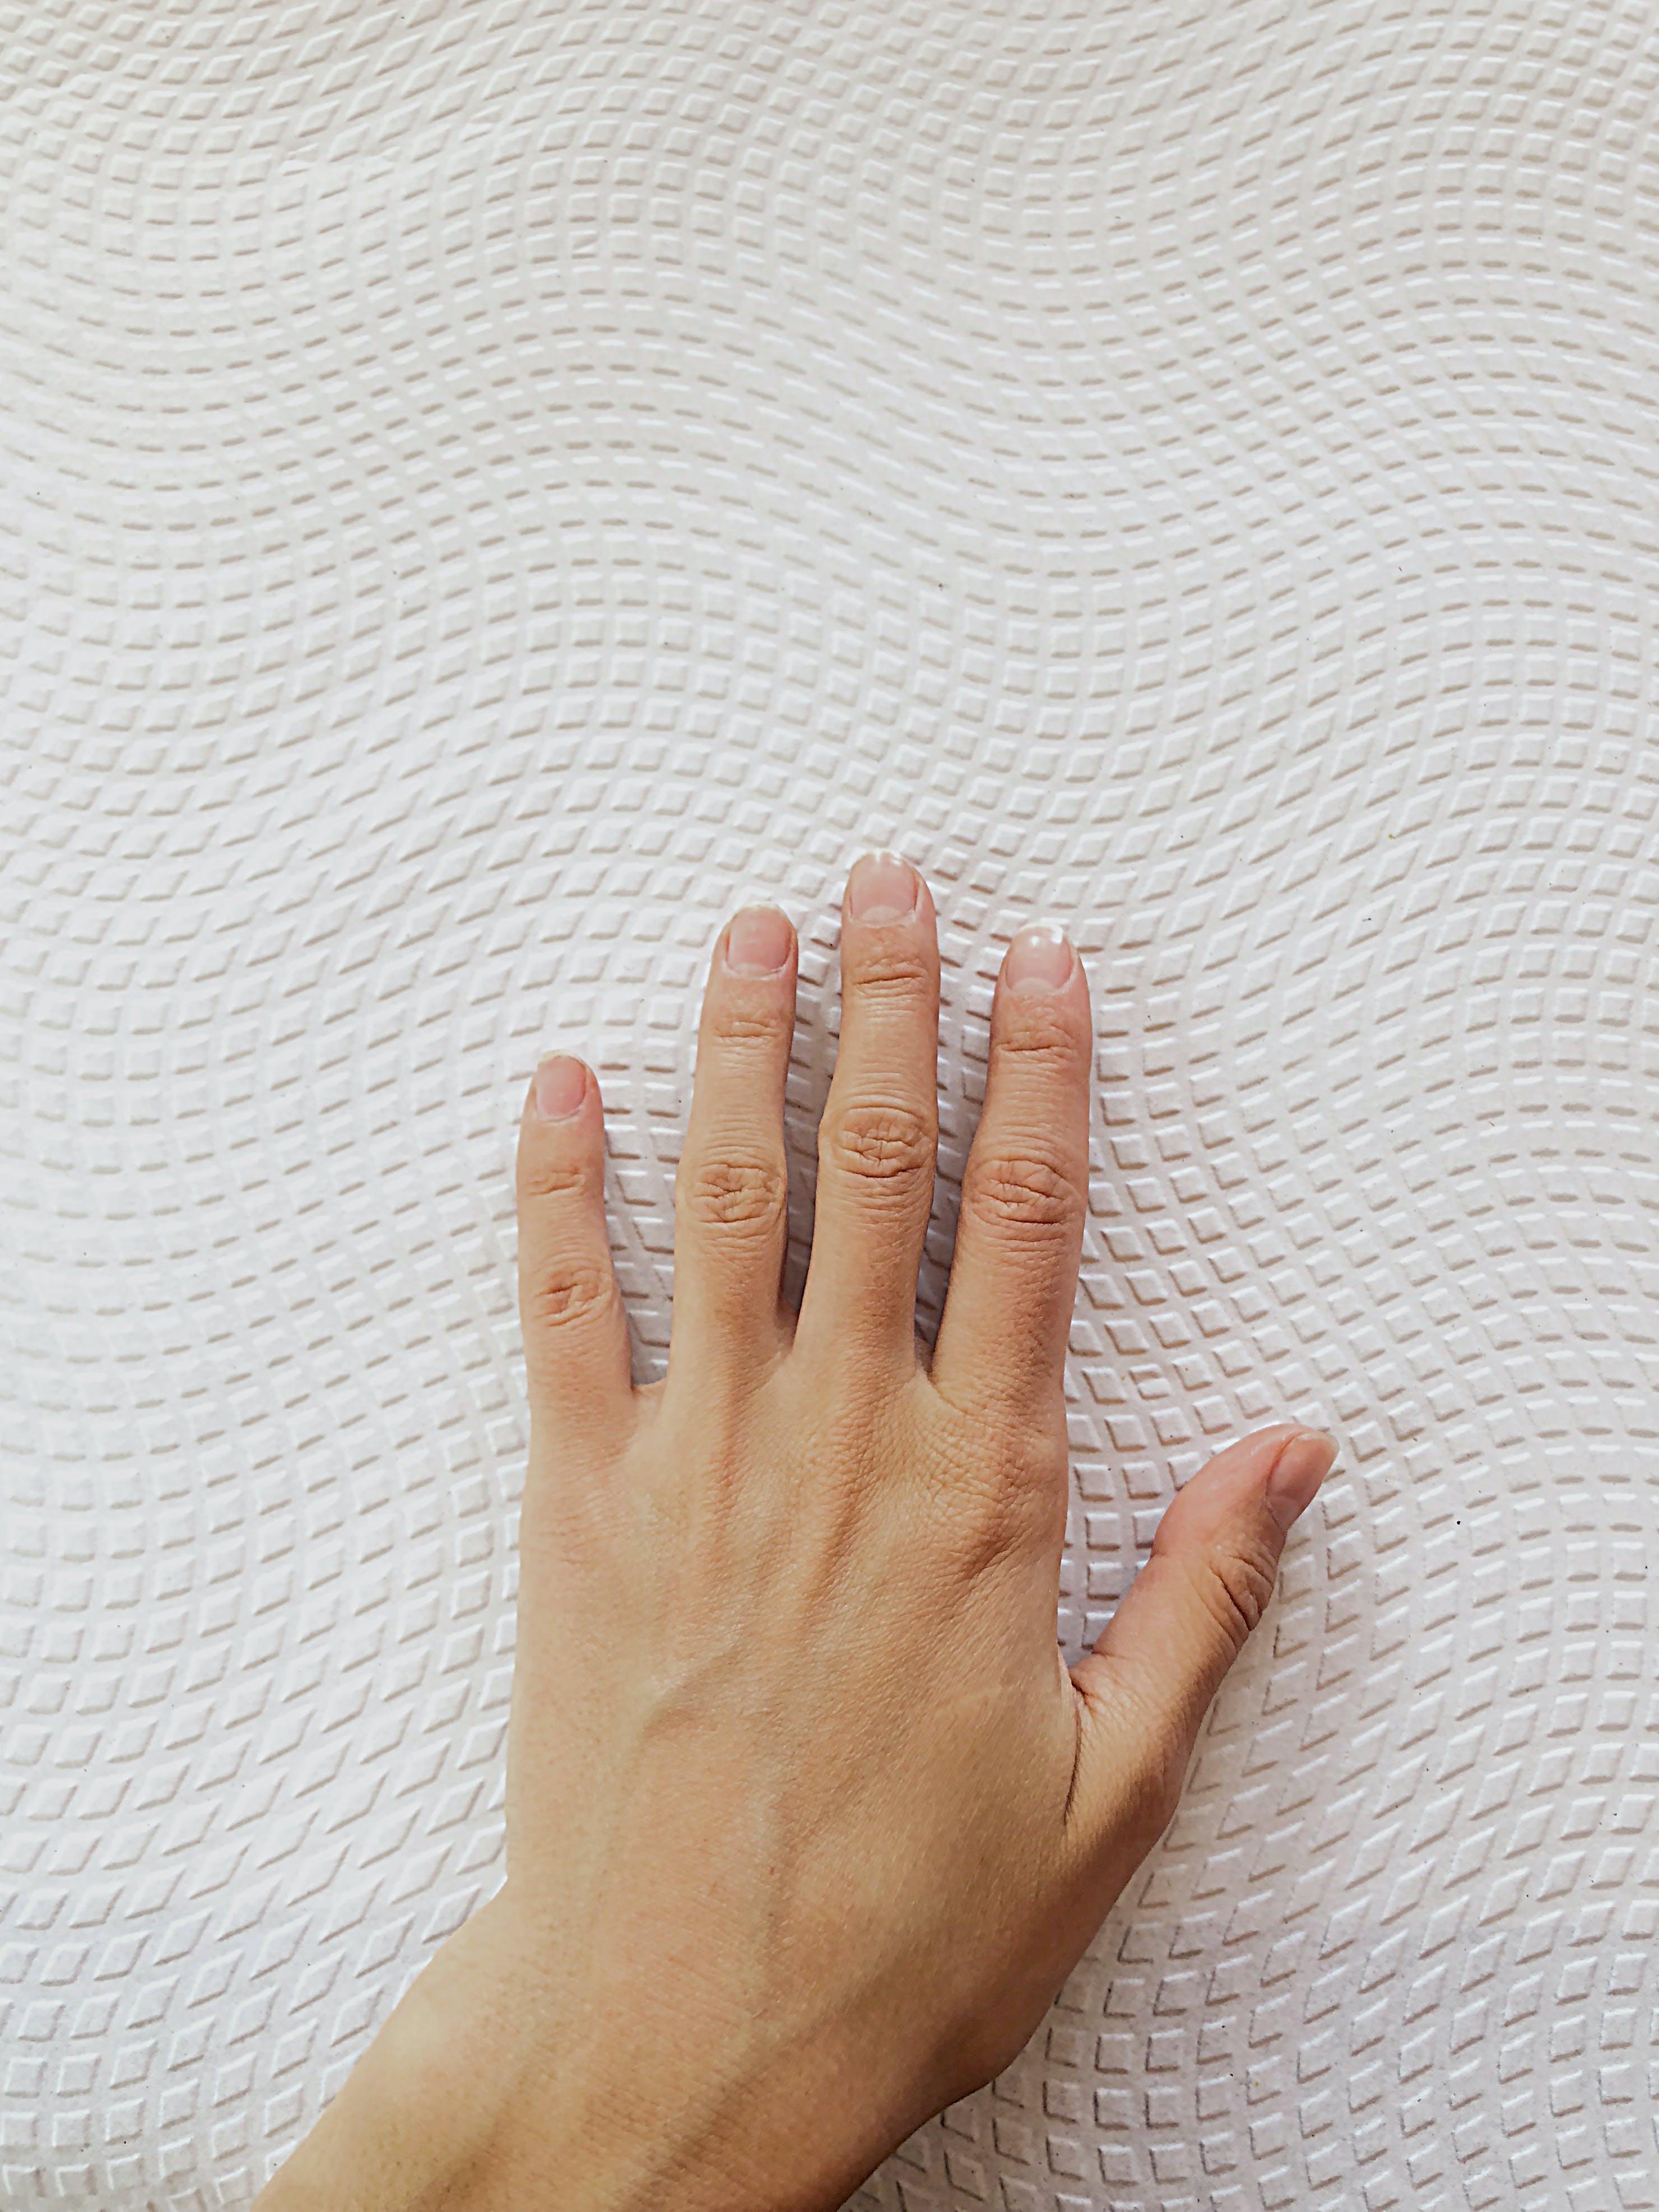 Gratis lagerfoto af close-up, fingre, hånd, hud